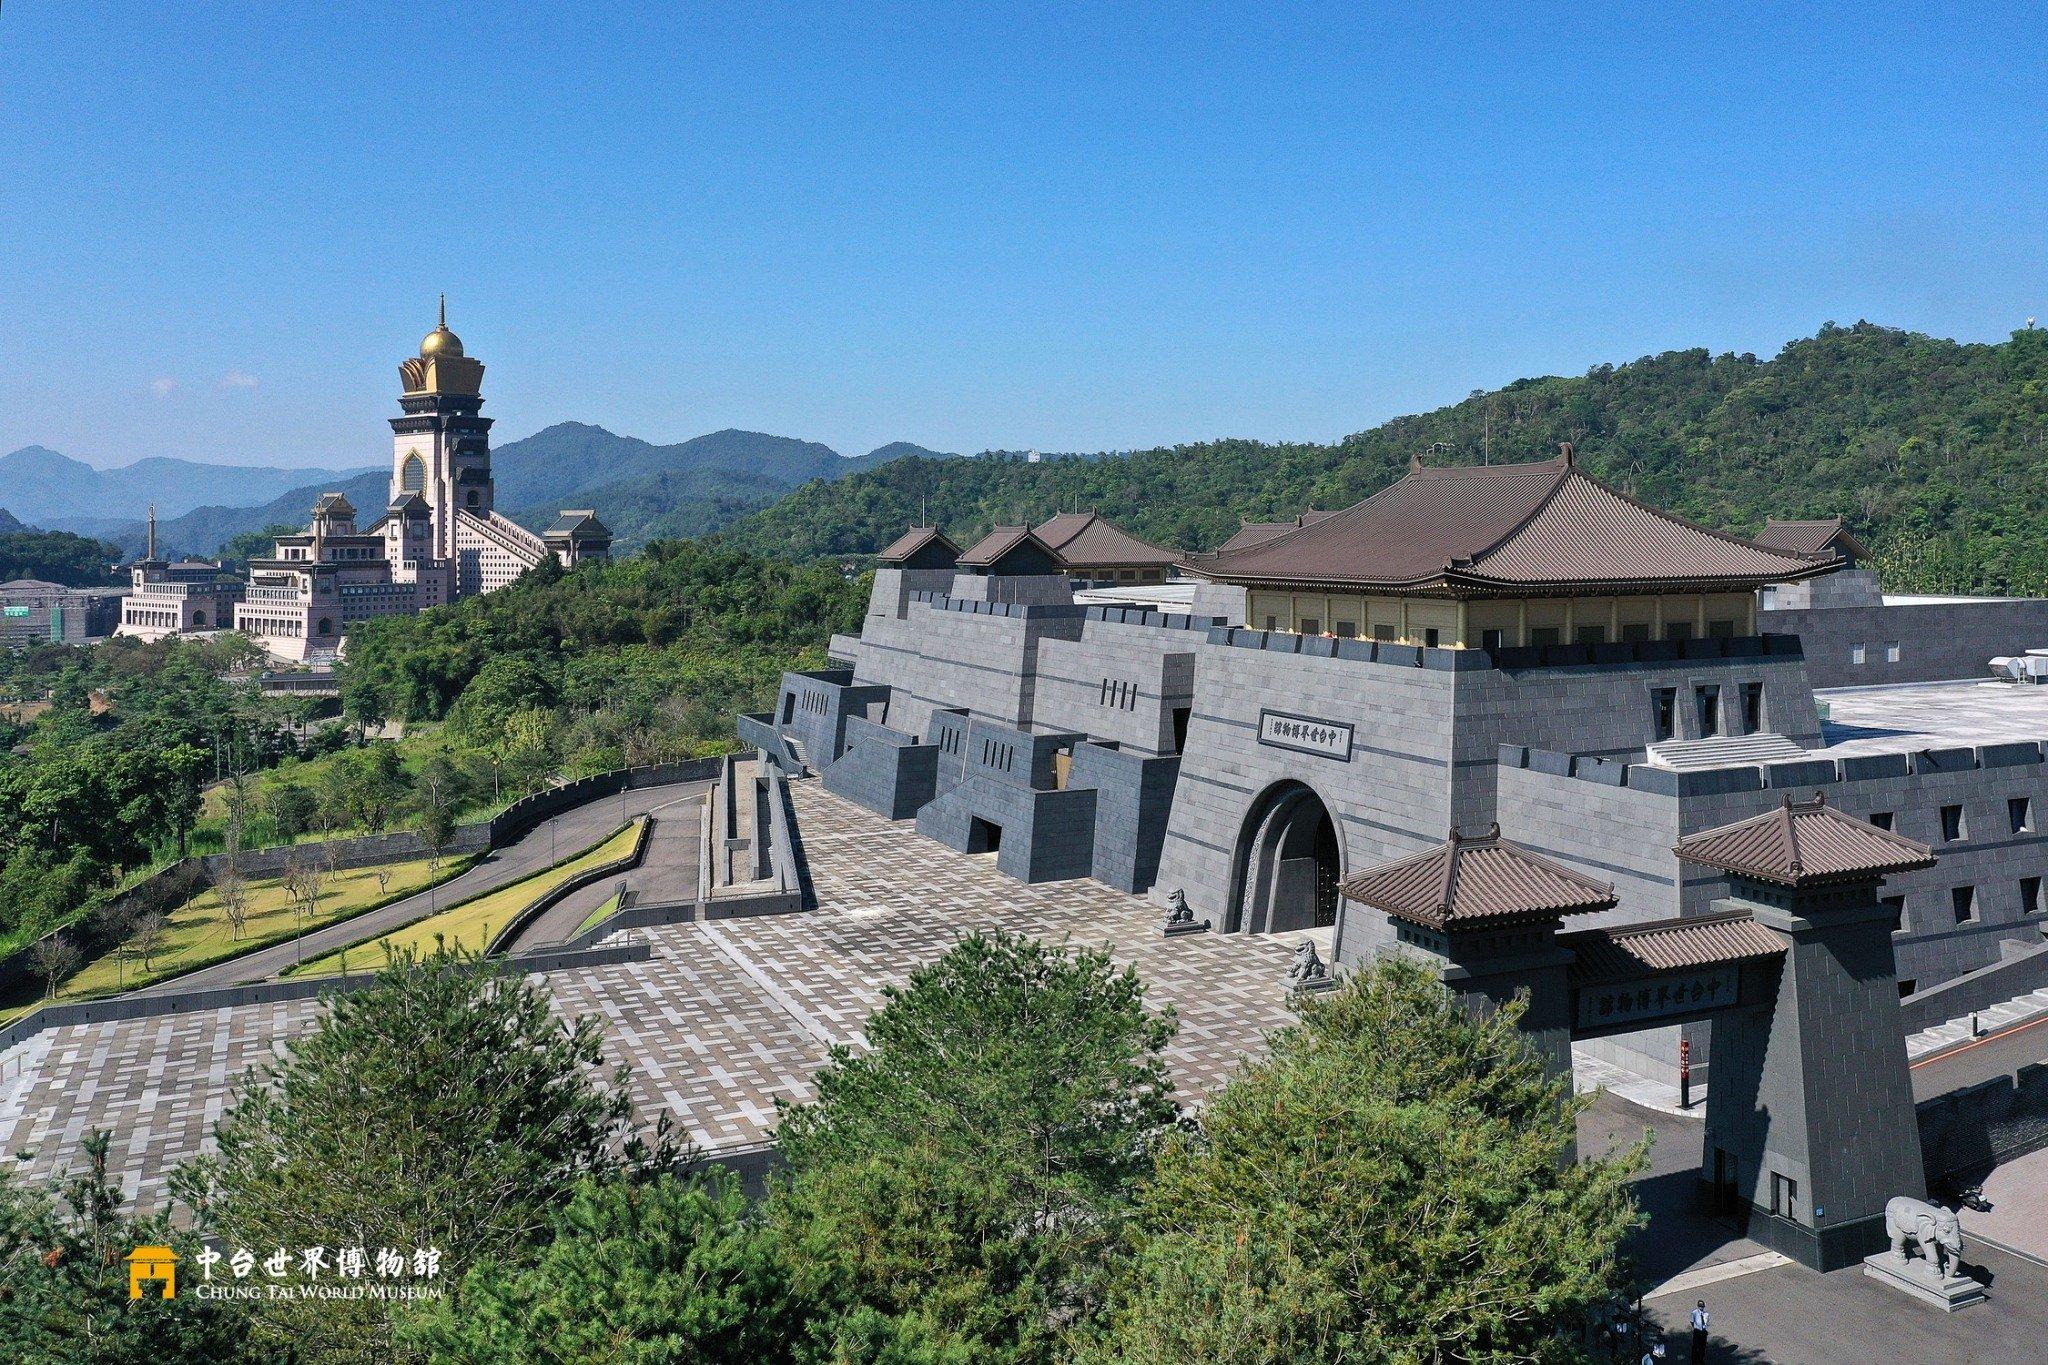 中台世界博物館 外觀